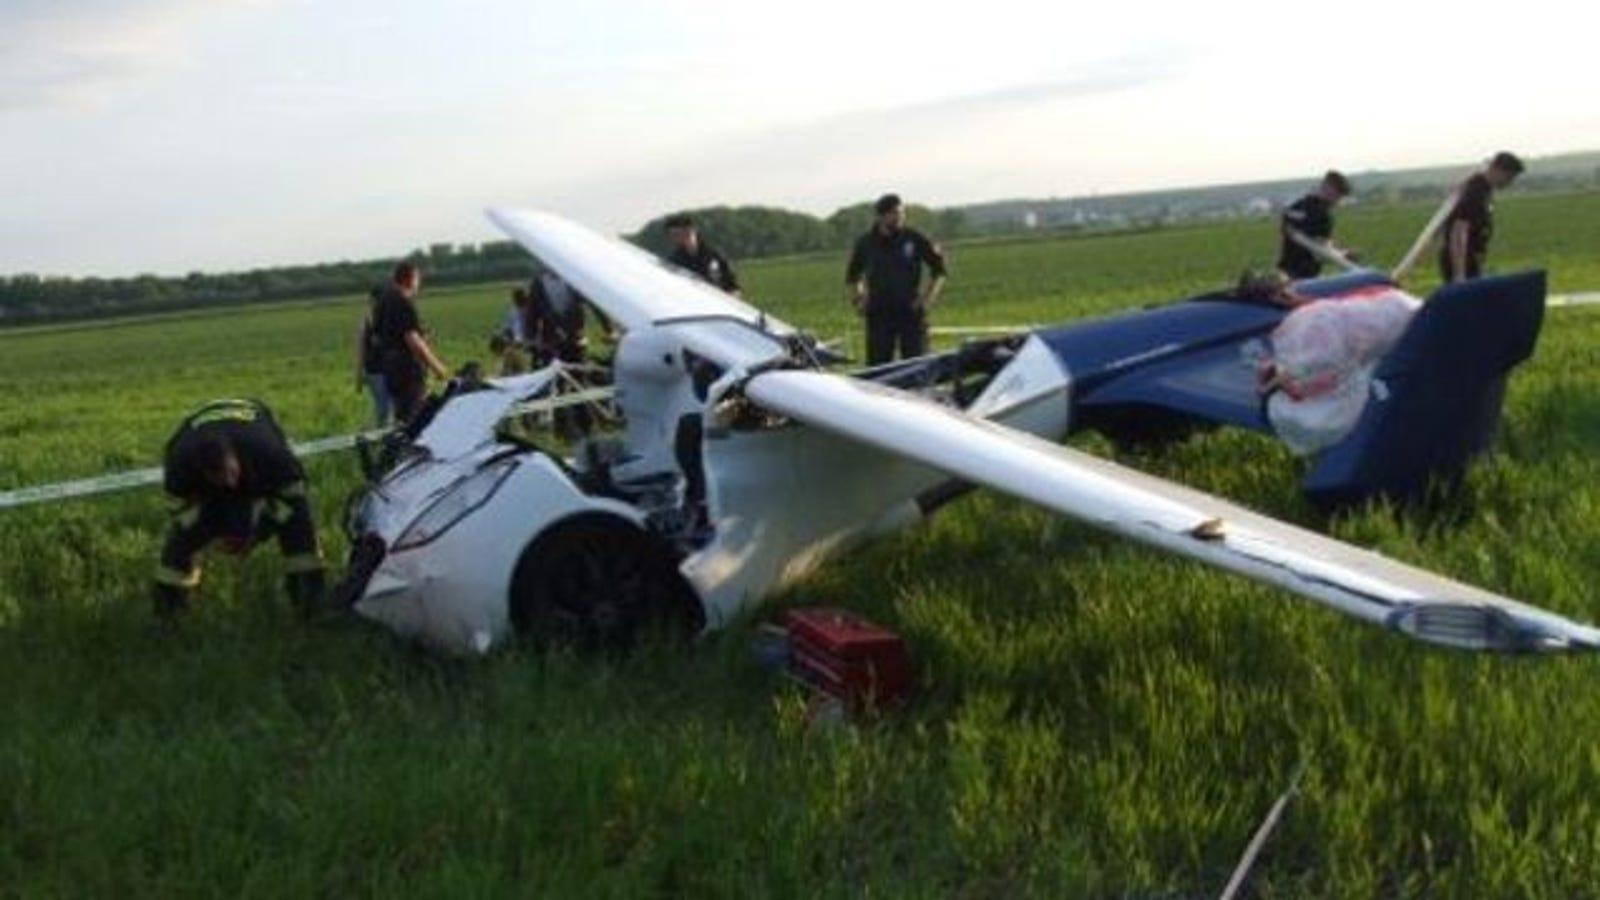 El coche volador Aeromobil se estrella durante un vuelo de prueba